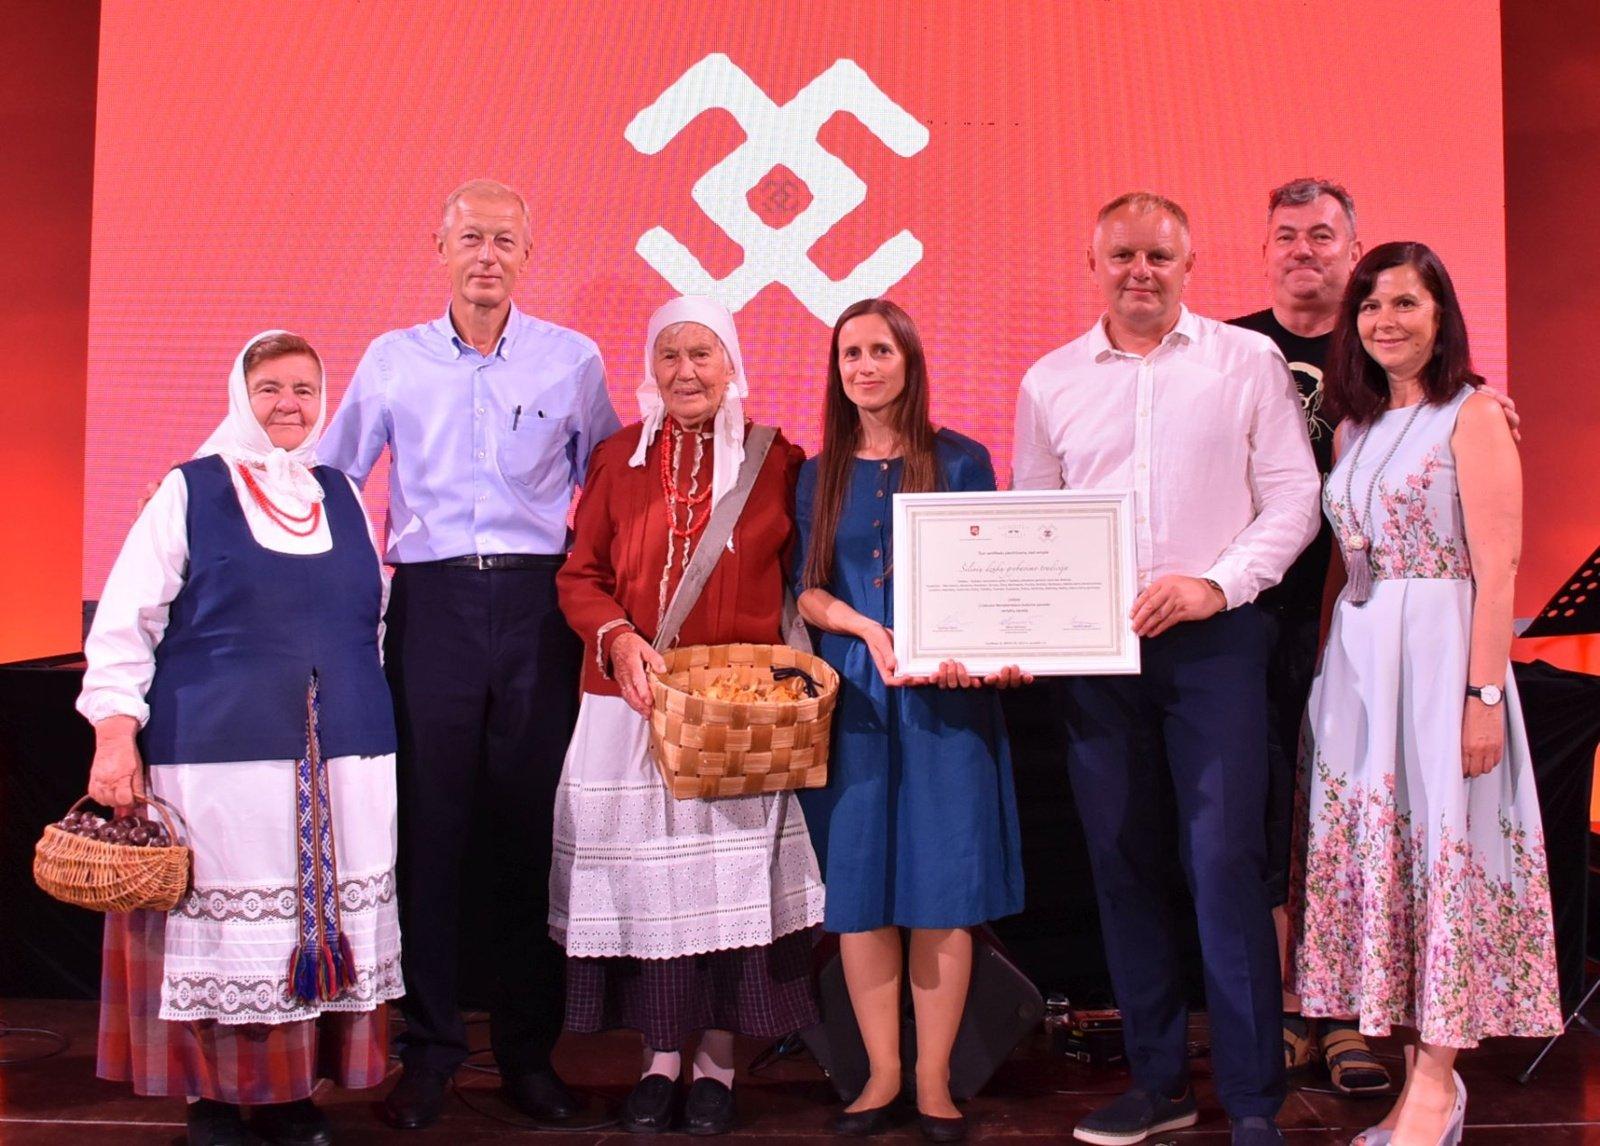 Šilinių dzūkų grybavimo tradicija įrašyta į Lietuvos nematerialaus kultūros paveldo vertybių sąvadą